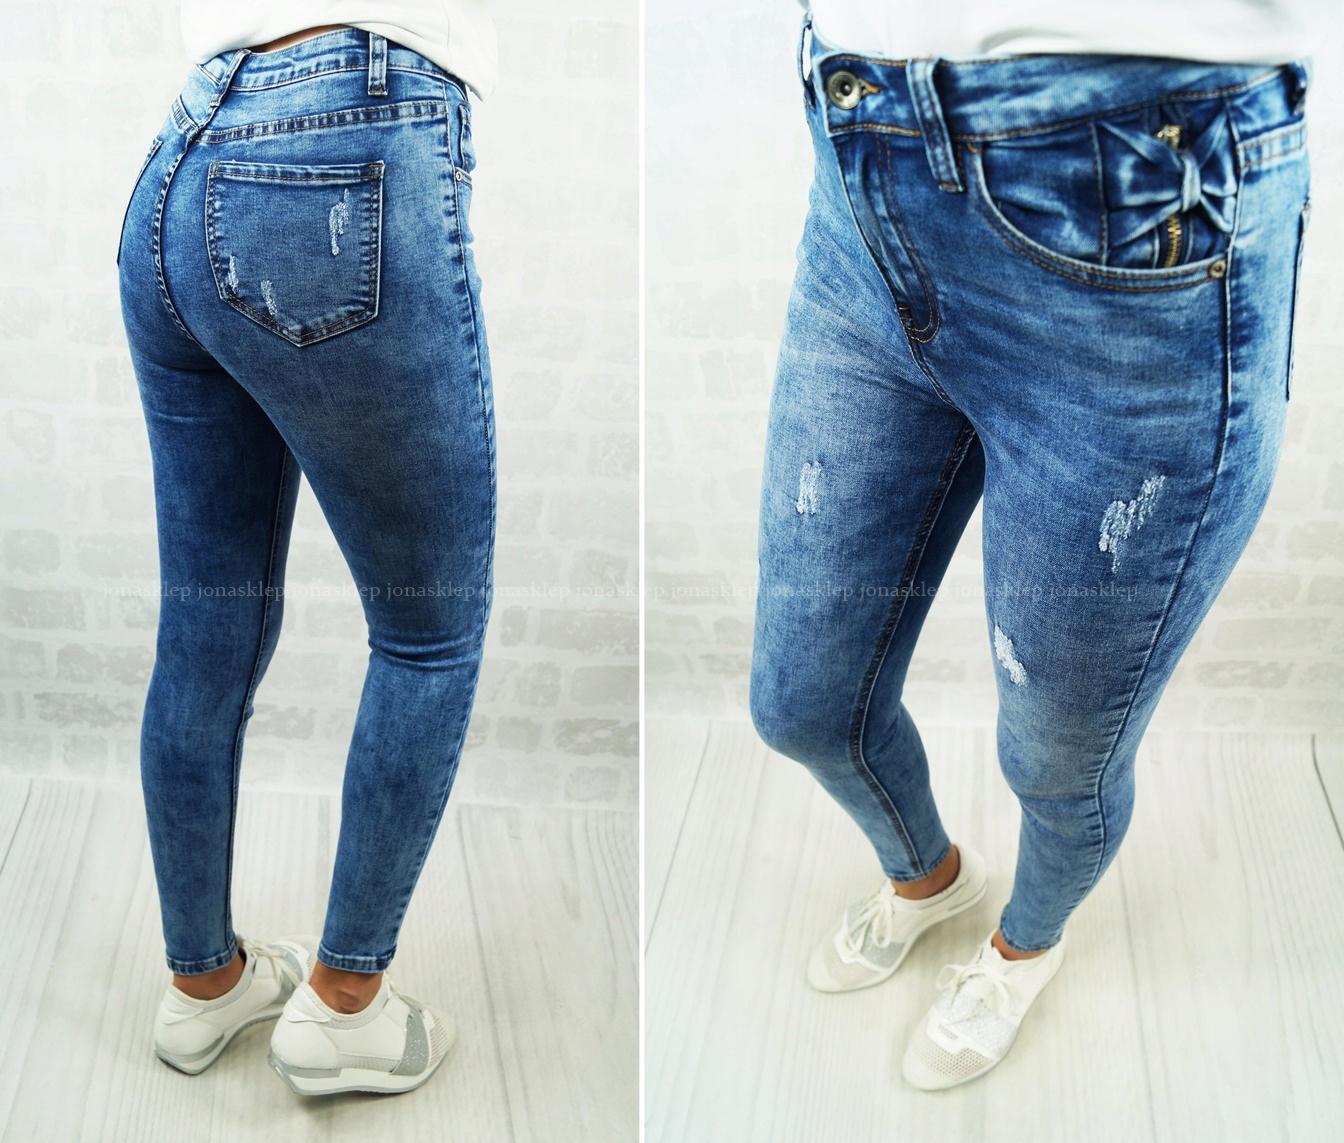 1d90d9b5 Spodnie CLASSIC jeansy BOW przetarcia L - 7711377722 - oficjalne ...